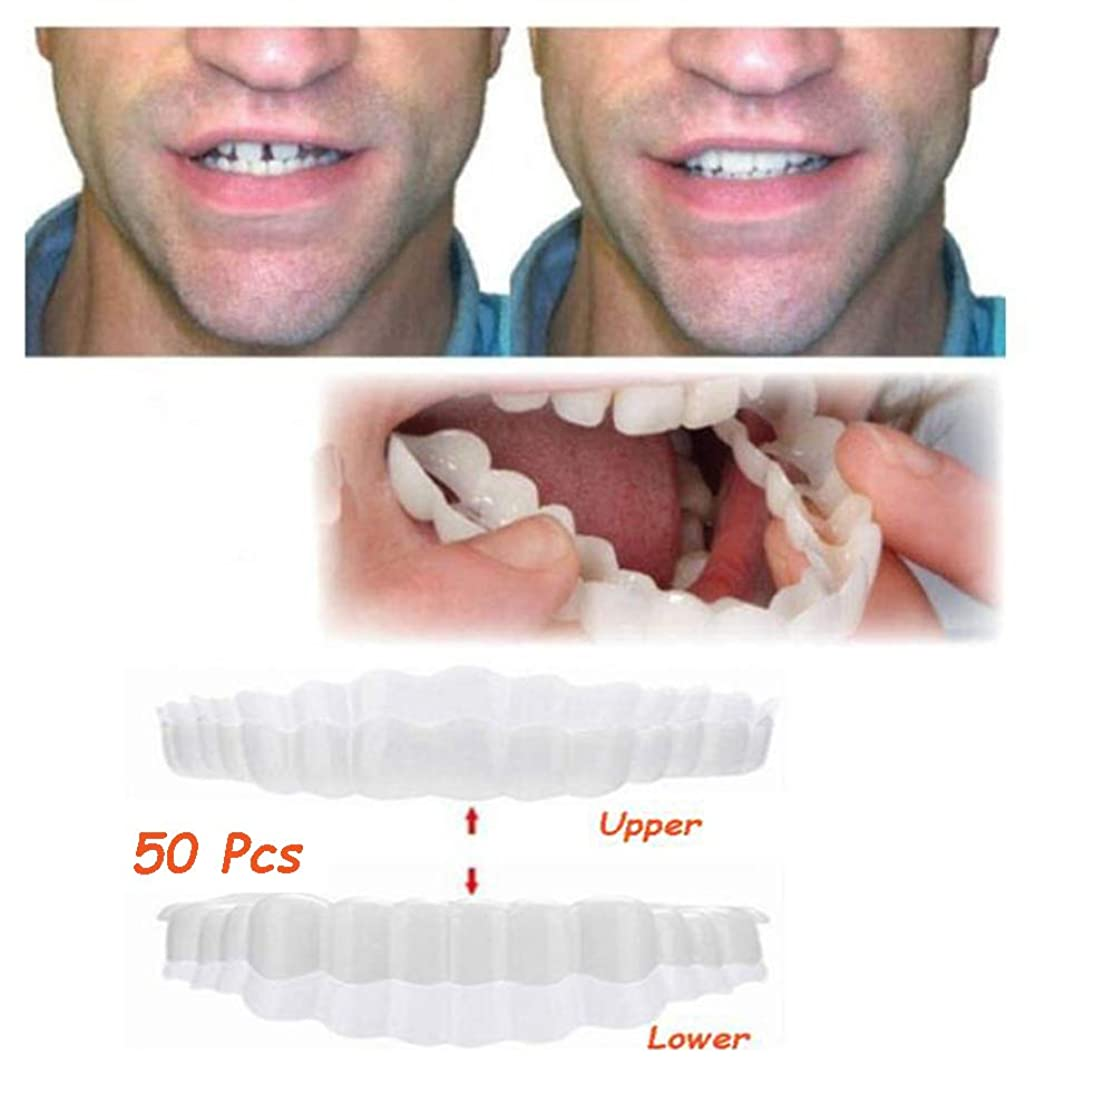 失礼曇った耕す50個の笑顔の一時的な歯のキット、一時的な笑顔の快適さフィットフレックス化粧品の歯、ワンサイズは最もフィット、快適なトップとボトムベニア